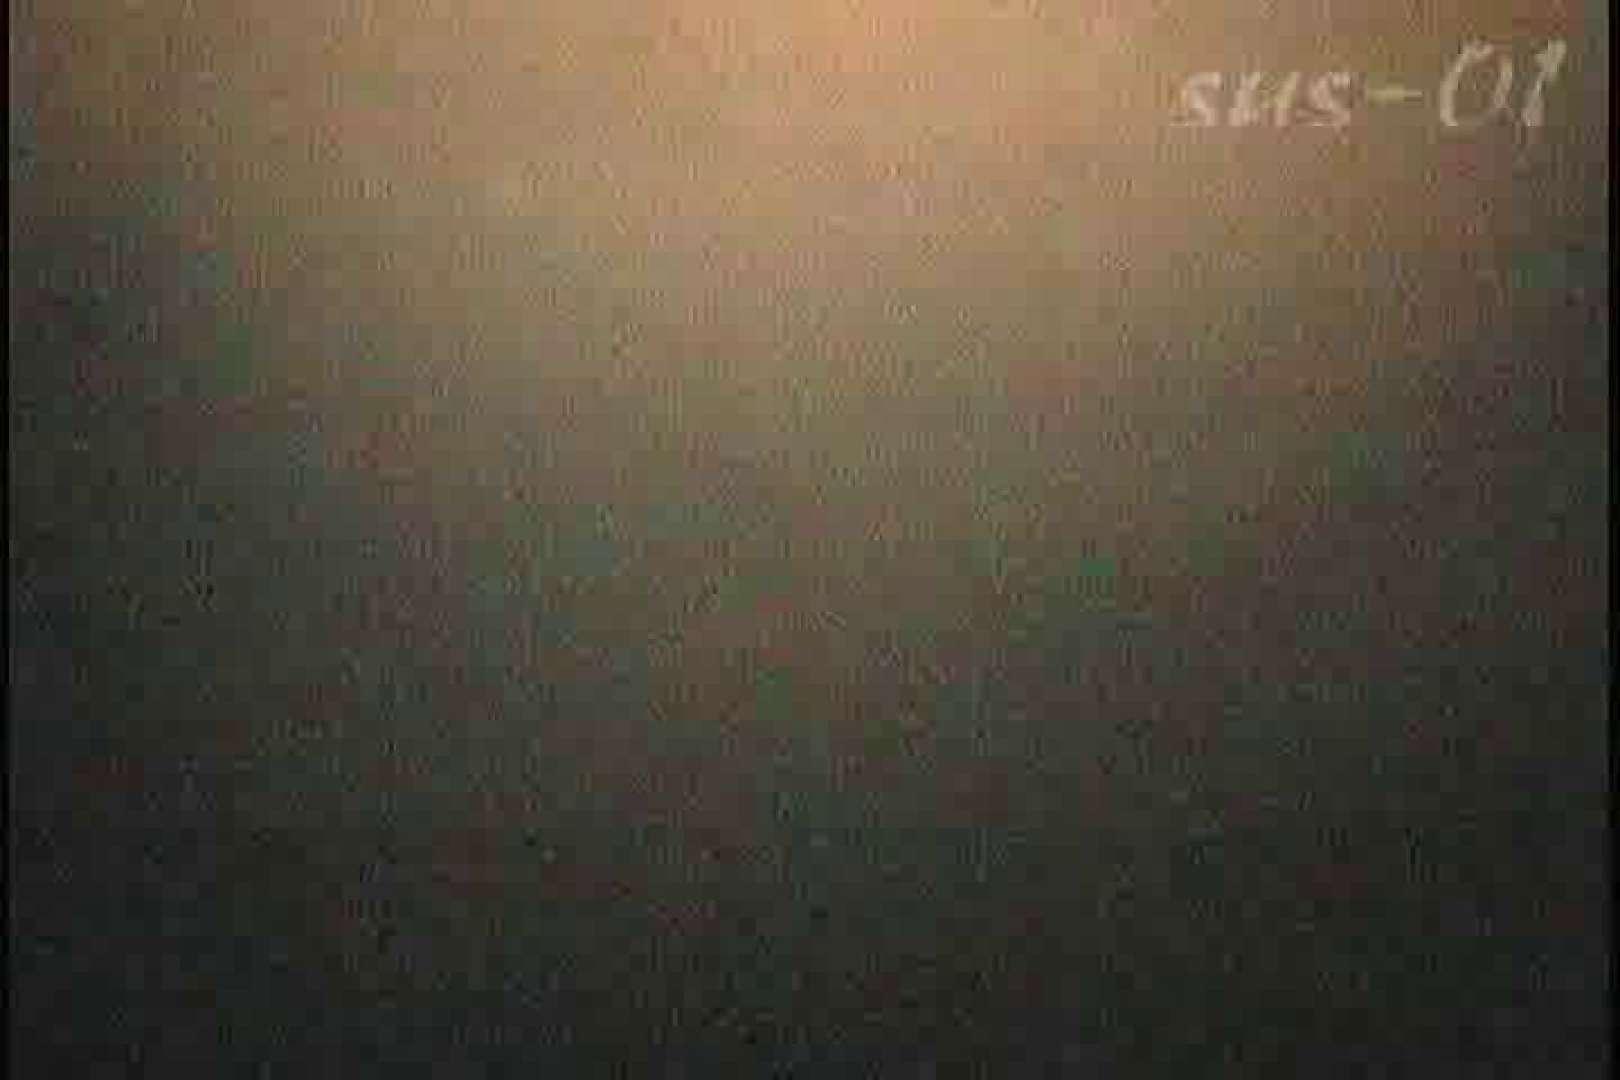 サターンさんのウル技炸裂!!夏乙女★海の家シャワー室絵巻 Vol.01 シャワー  92PIX 44